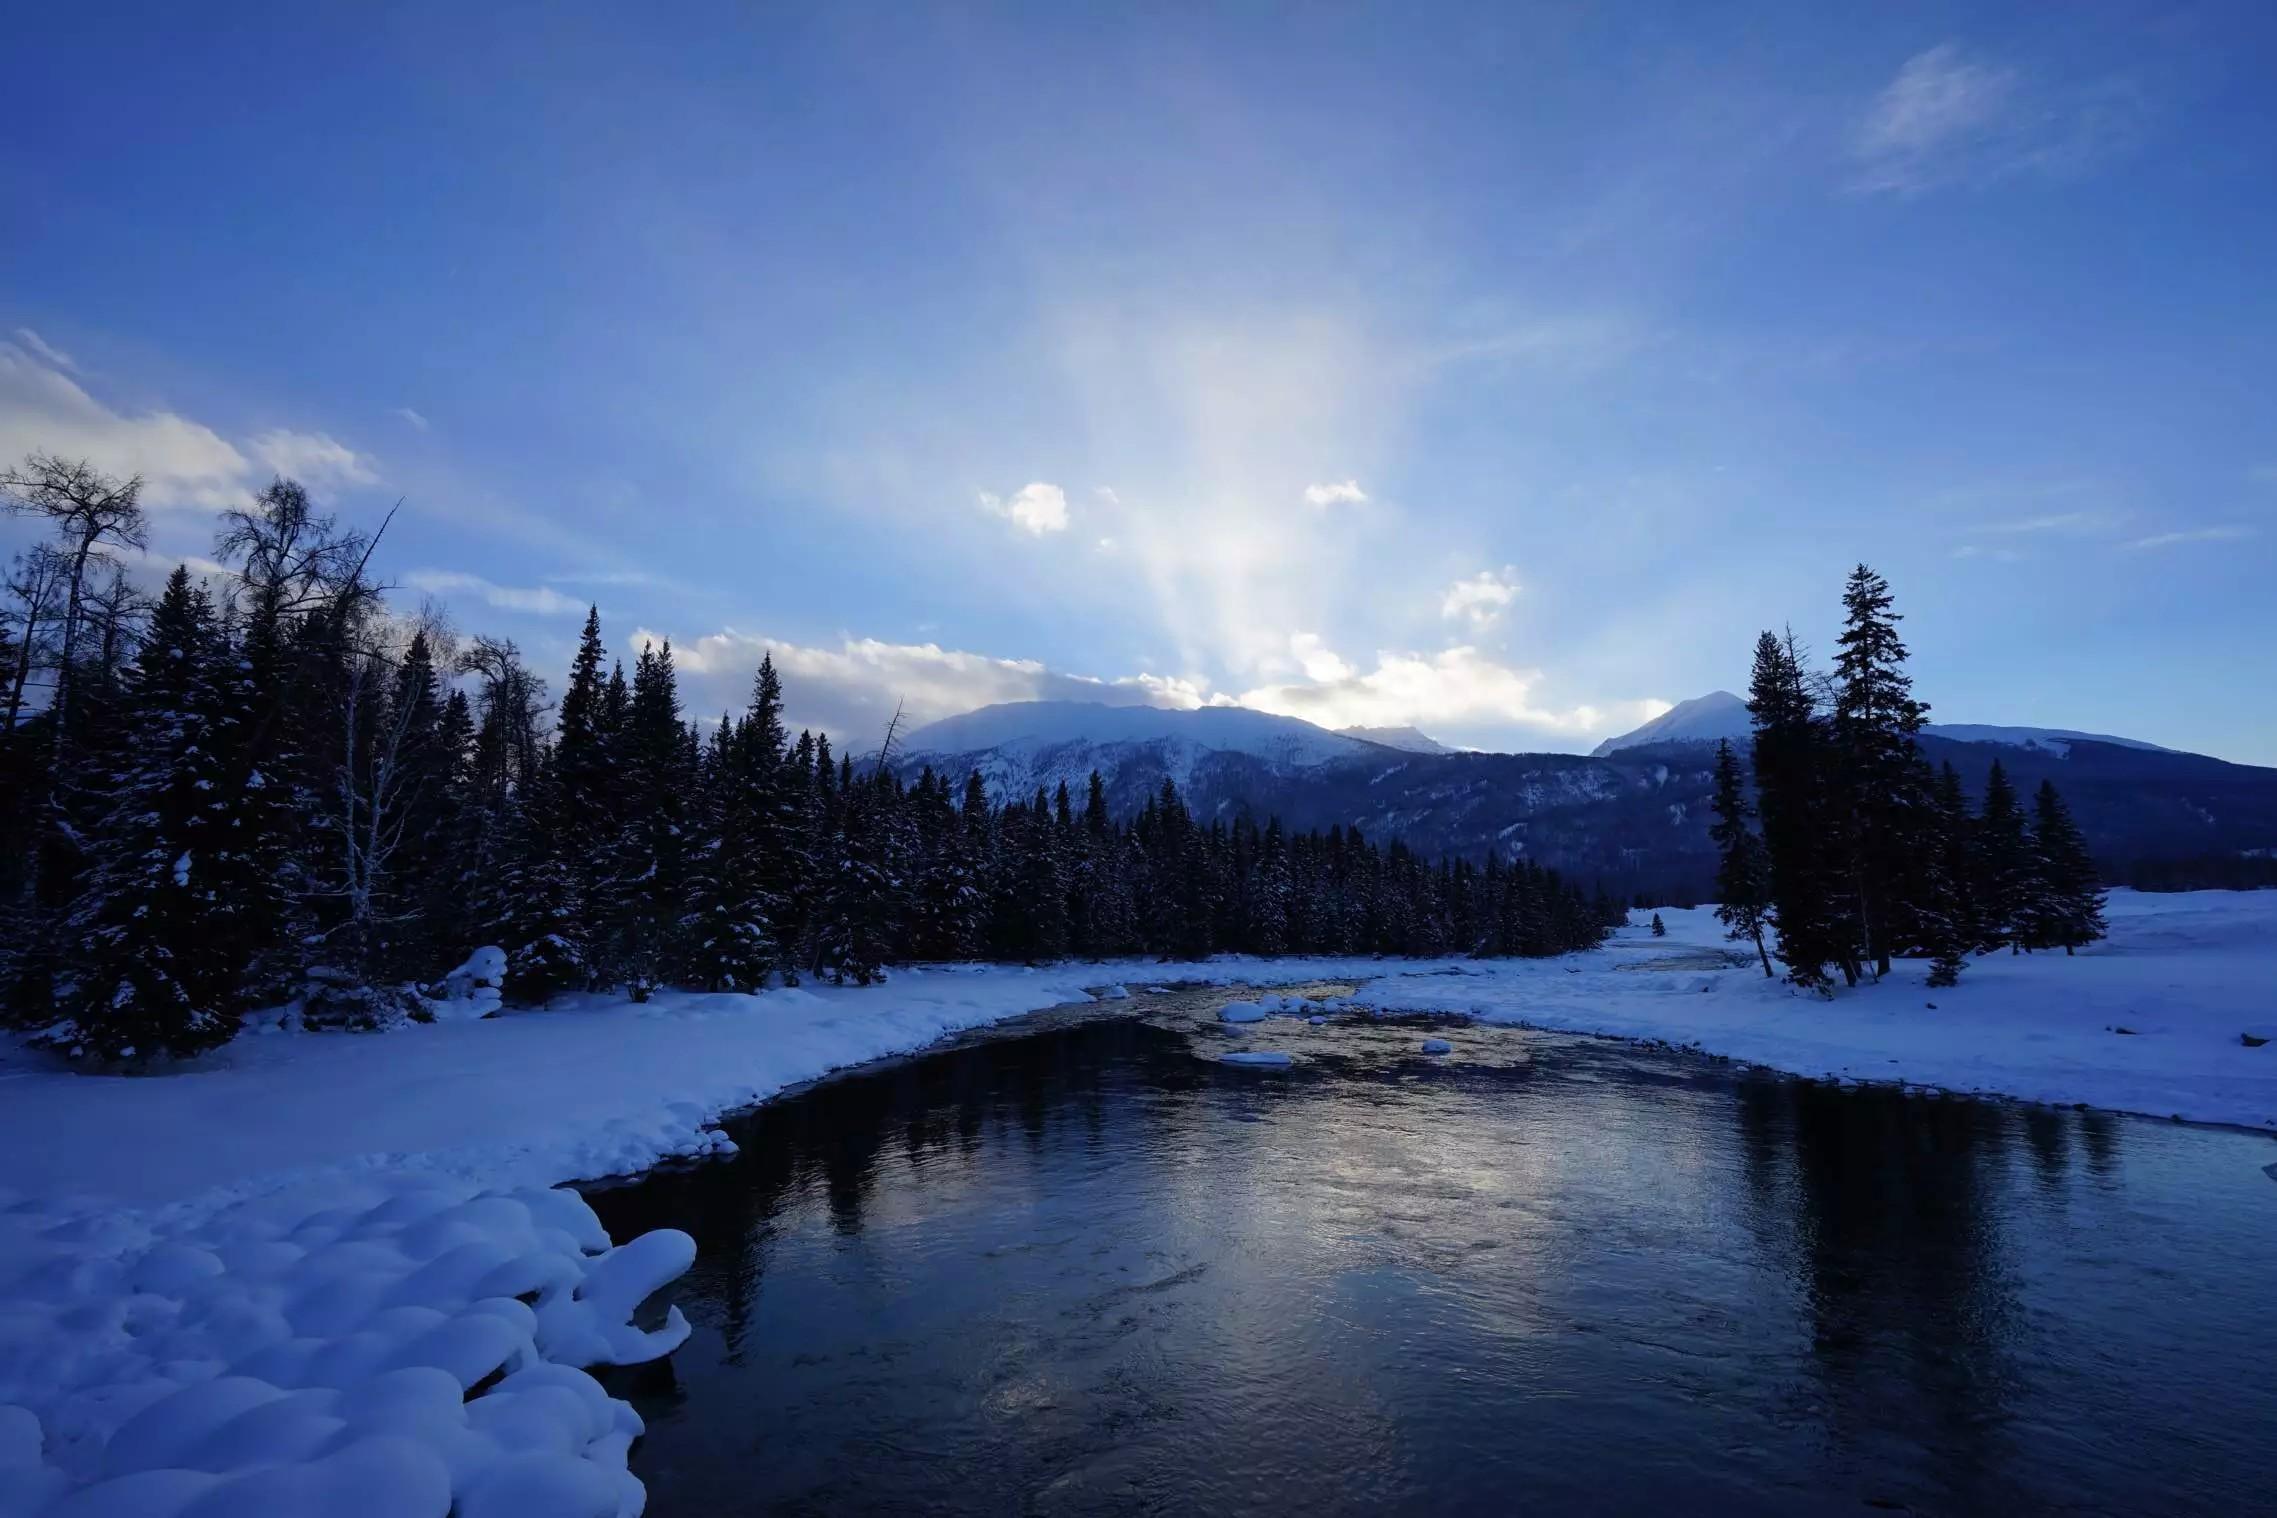 微信冬季风景头像